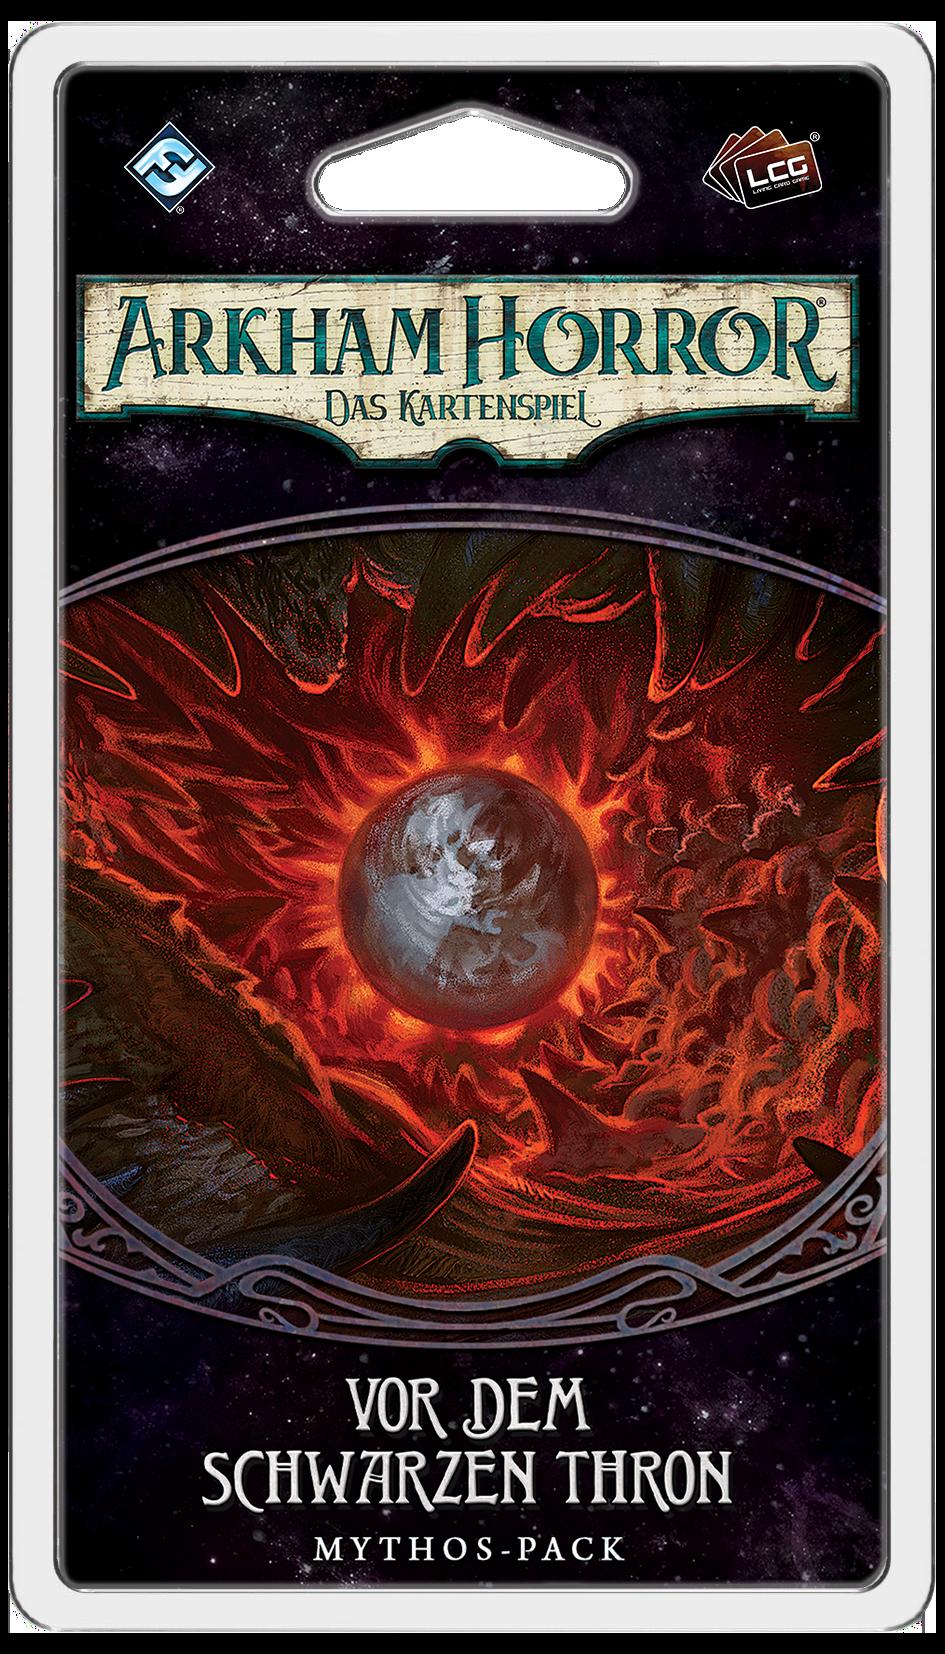 Das Mythos Pack Vor dem Schwarzen Thron zugehörig zur Arkham Horror LCG Erweiterung Der gebrochene Kreis